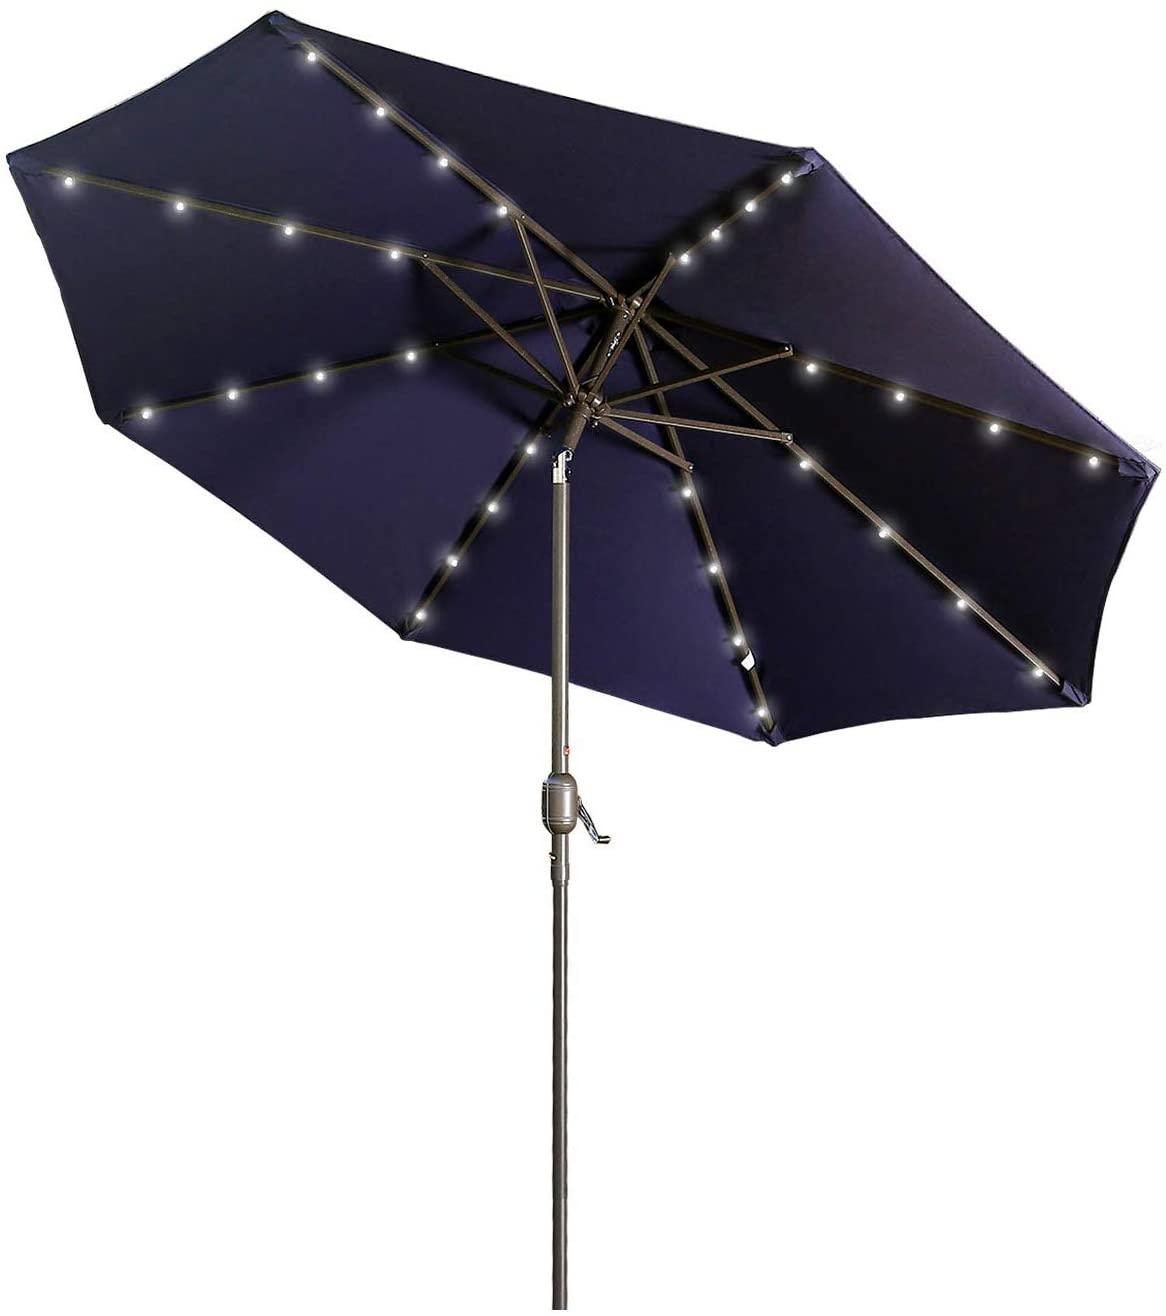 Aok Garden 9 ft Solar LED Lighted Patio Umbrella Outdoor Umbrella with Tilt and Crank 8 Ribs, Navy Blue